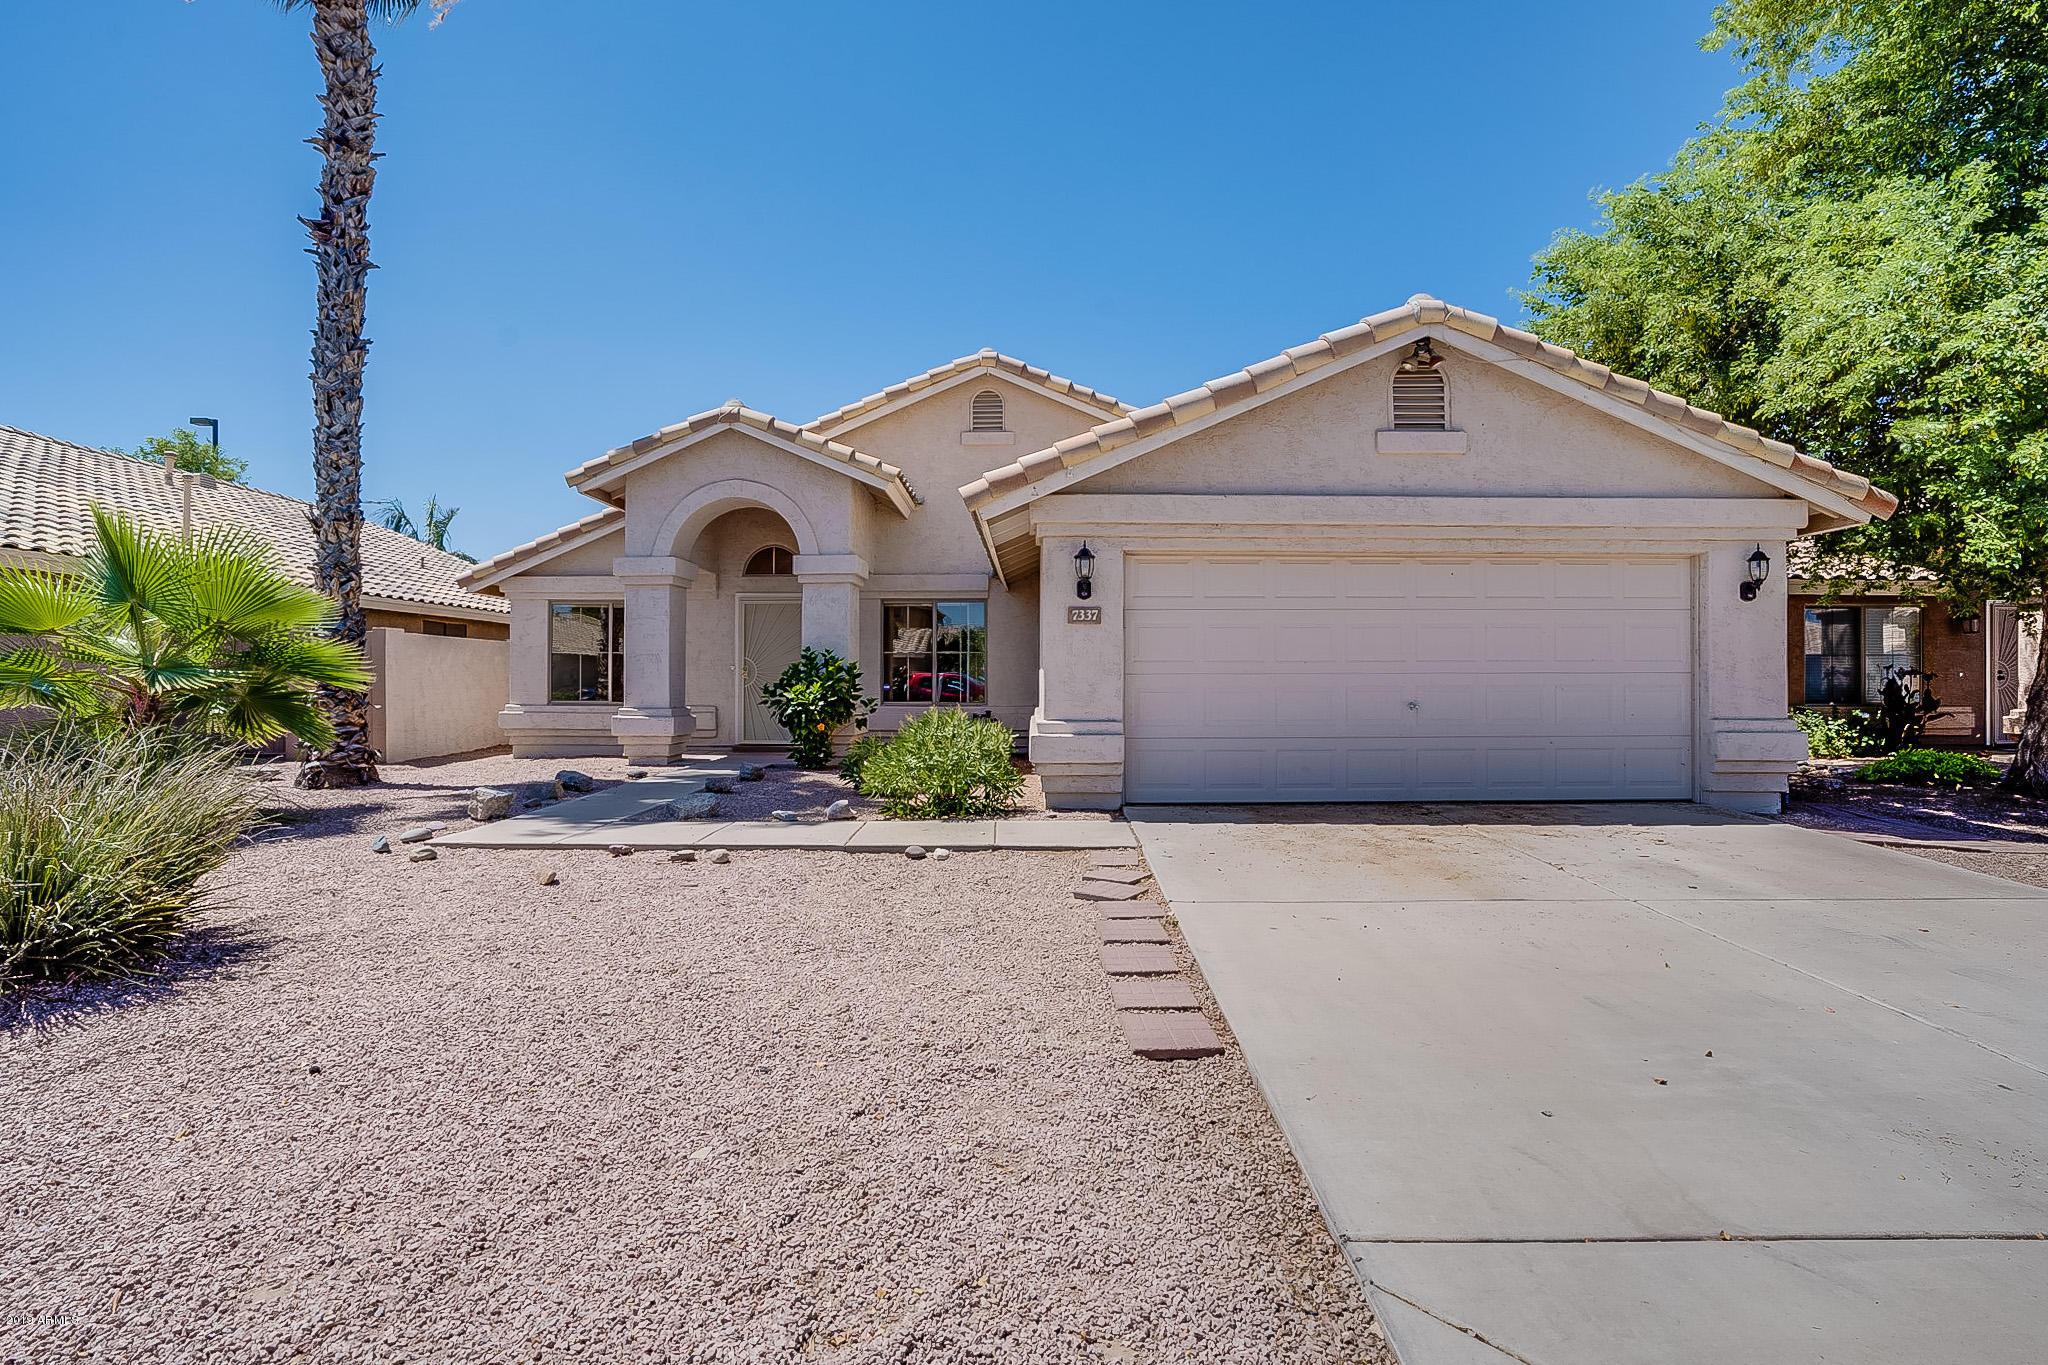 Photo of 7337 E NOPAL Avenue, Mesa, AZ 85209